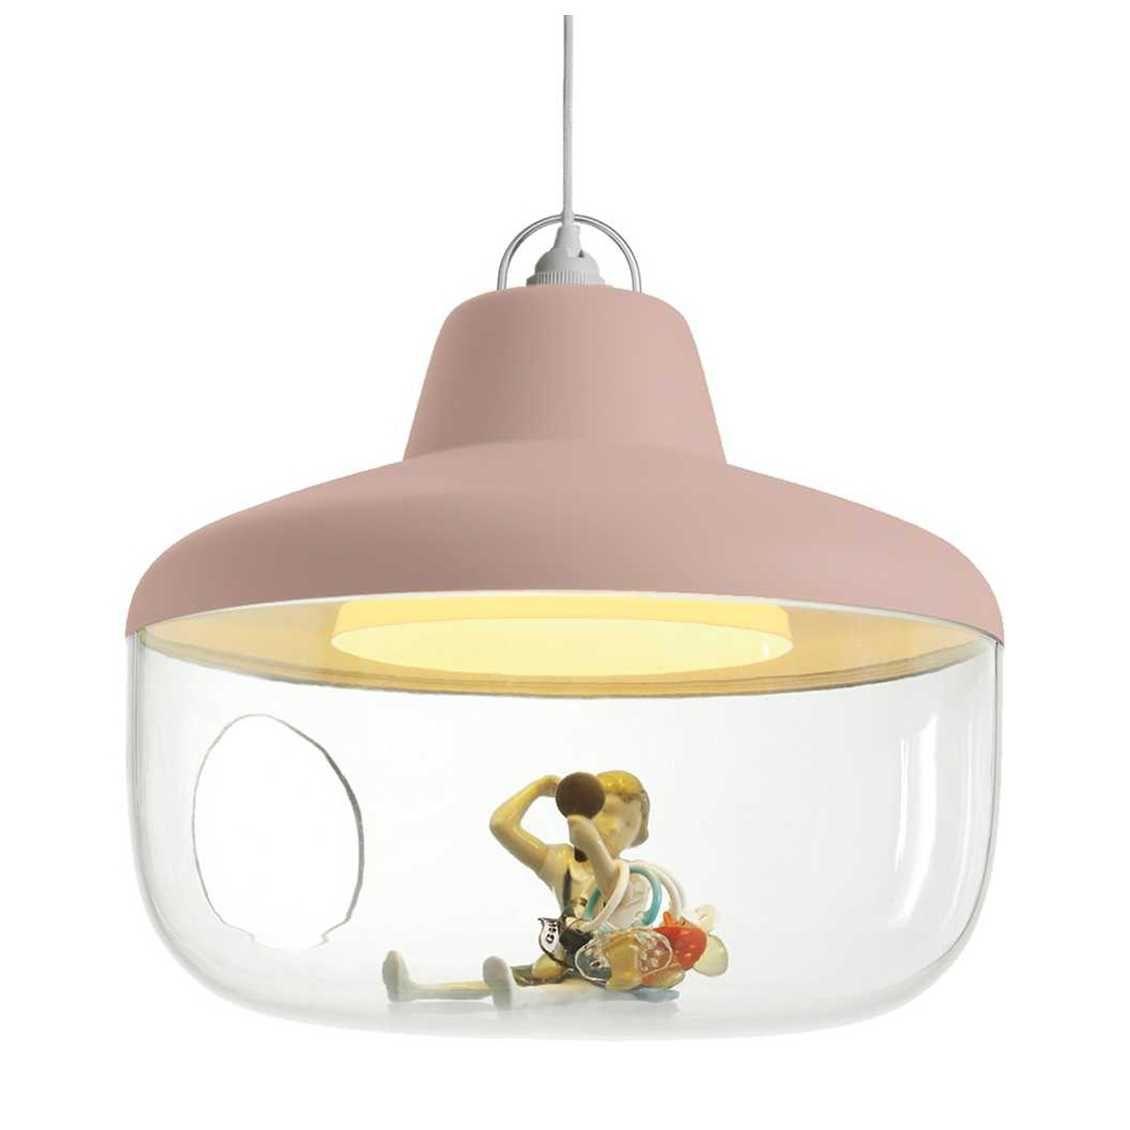 Deze designer-hanglampen zijn dé toevoeging voor je interieur.